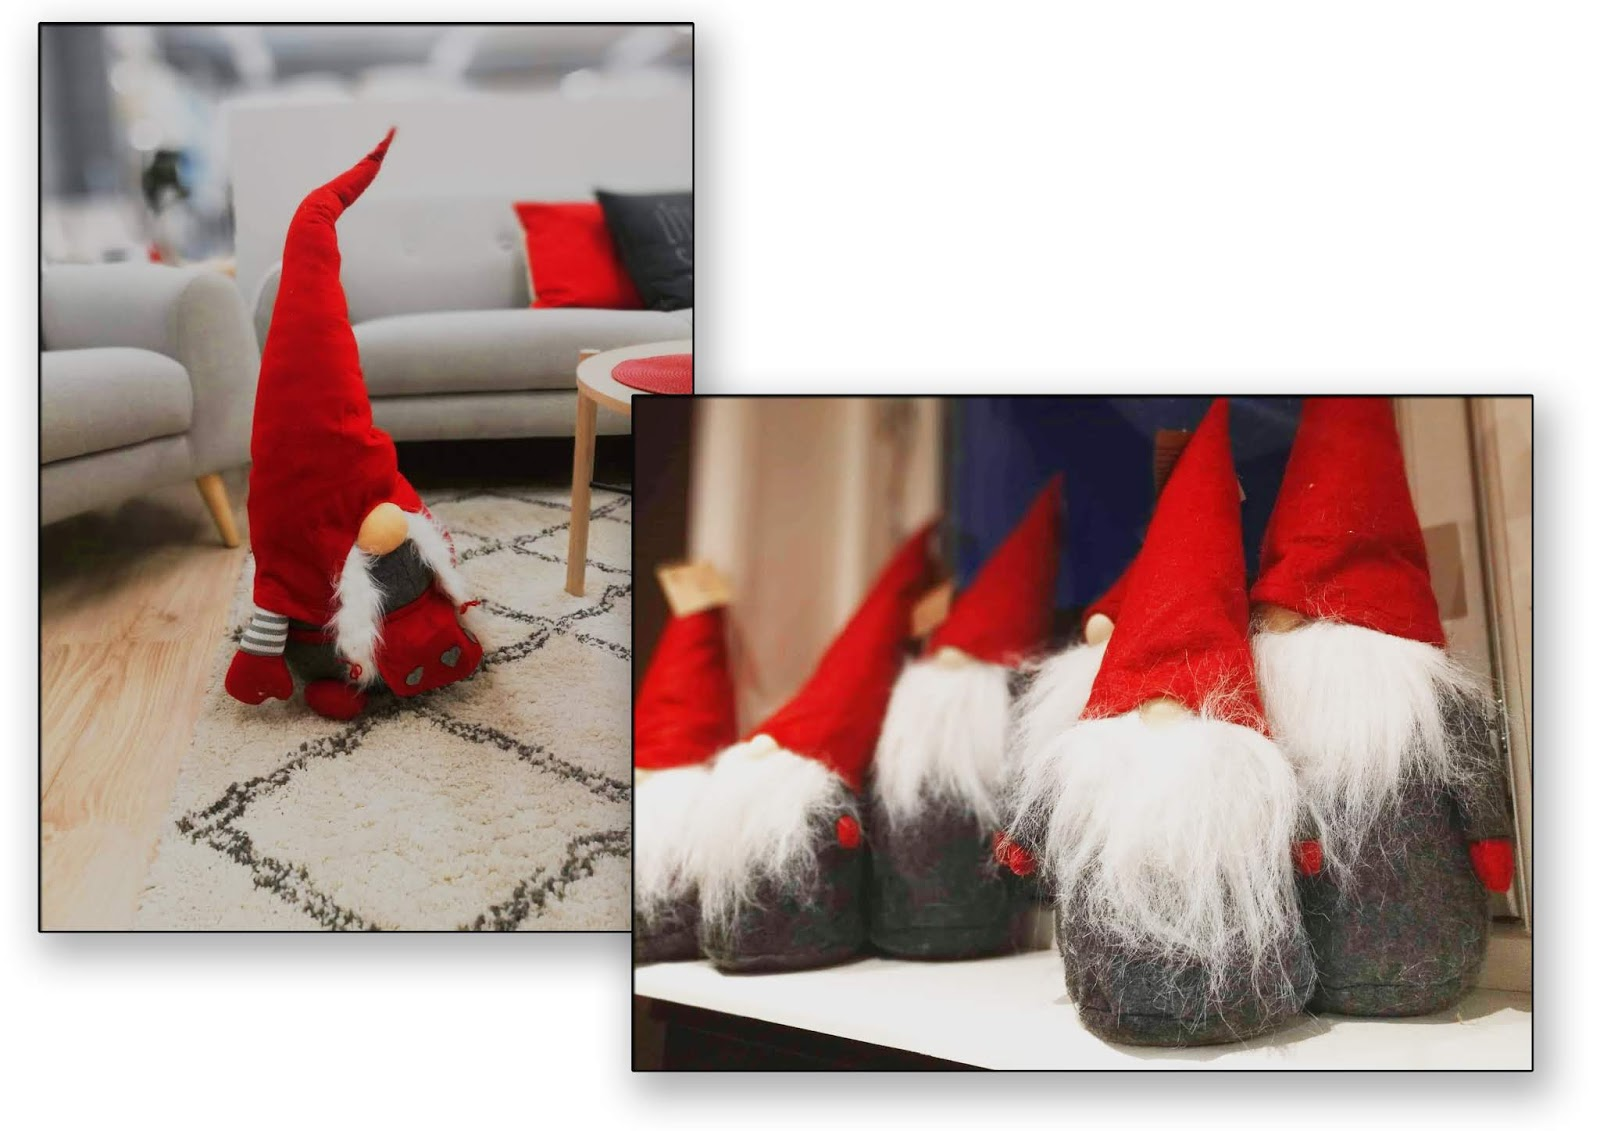 Julenisse, świąteczne domowe skrzaty skandynawskie